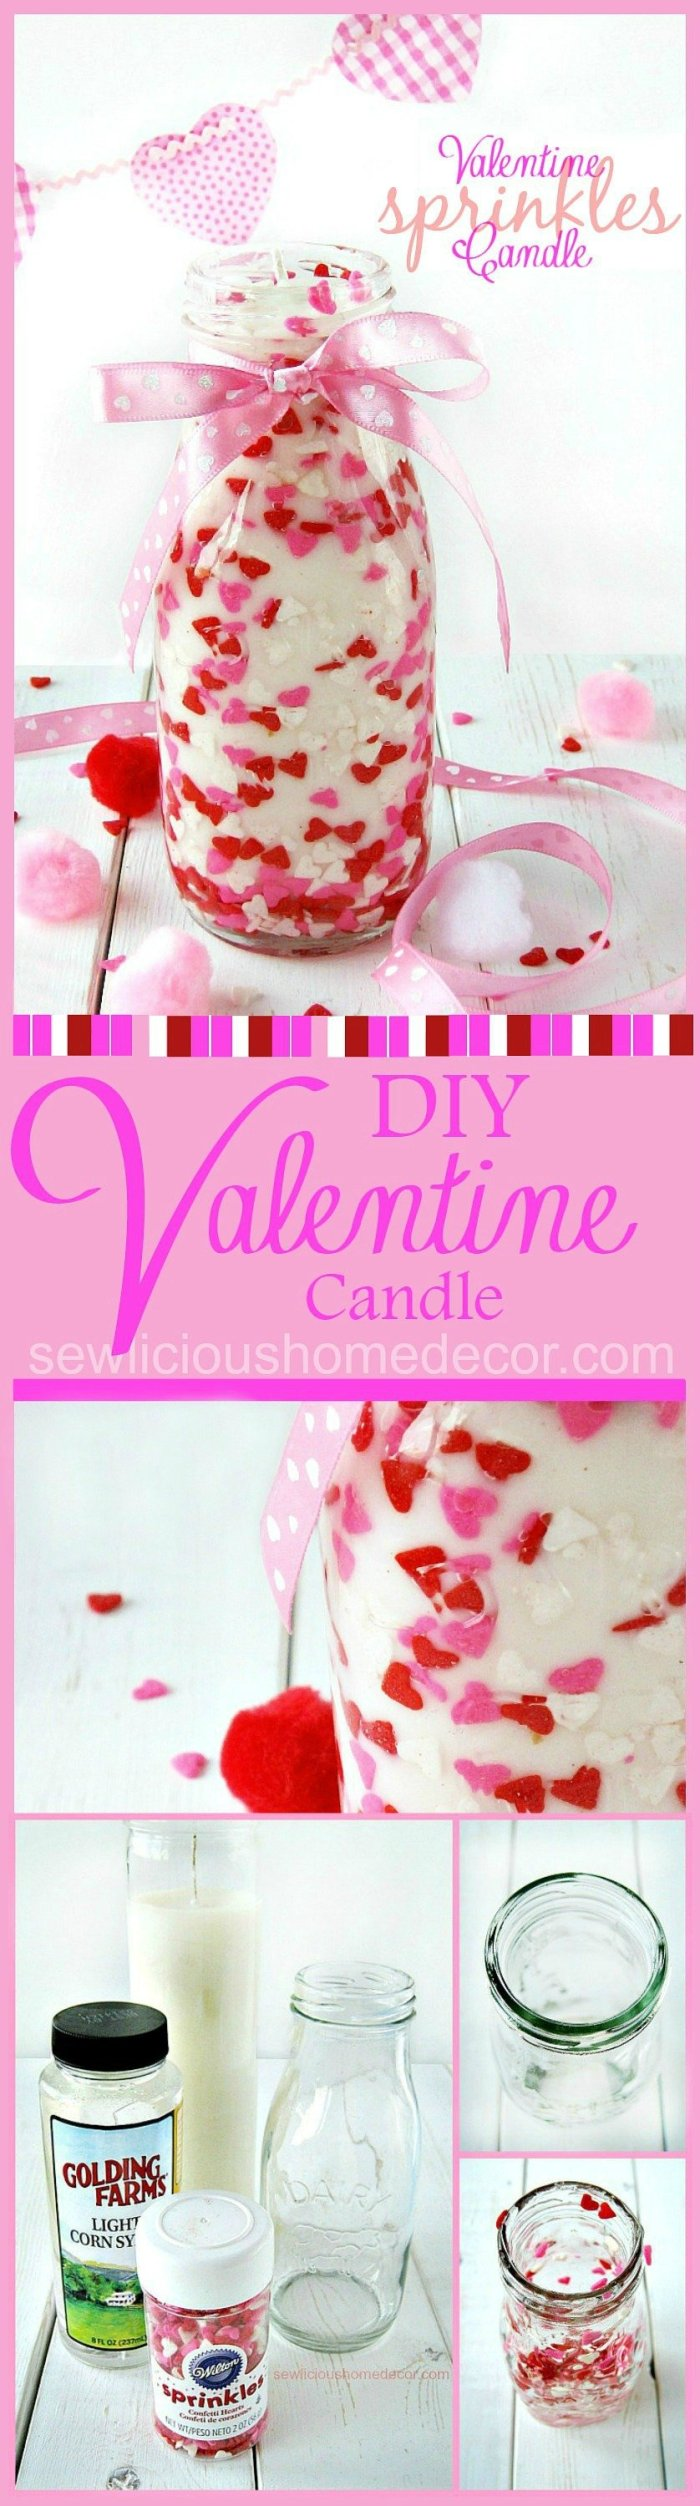 Valentine Sprinkles Candle Tutorial atsewlicioushomedecor.com